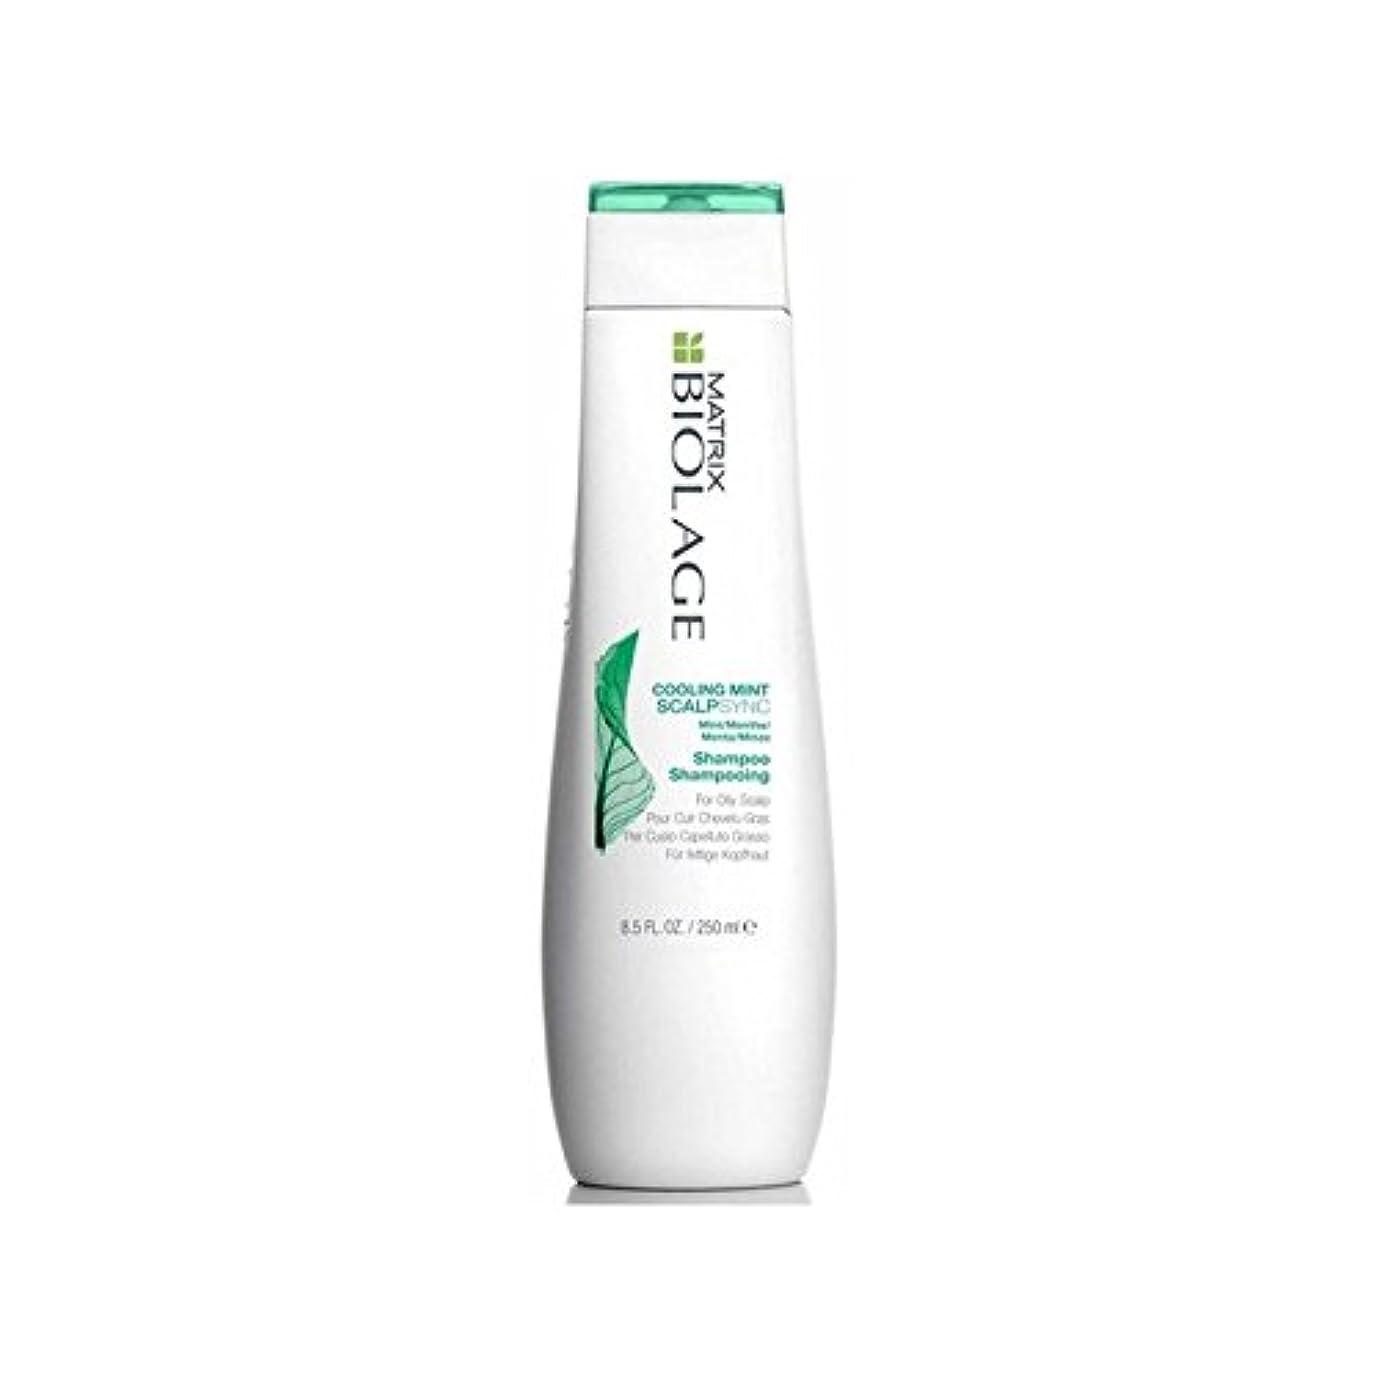 有利投げ捨てる上がるミントシャンプー(250ミリリットル)を冷却マトリックスバイオレイジの頭皮 x4 - Matrix Biolage Scalptherapie Scalp Cooling Mint Shampoo (250ml) (Pack of 4) [並行輸入品]